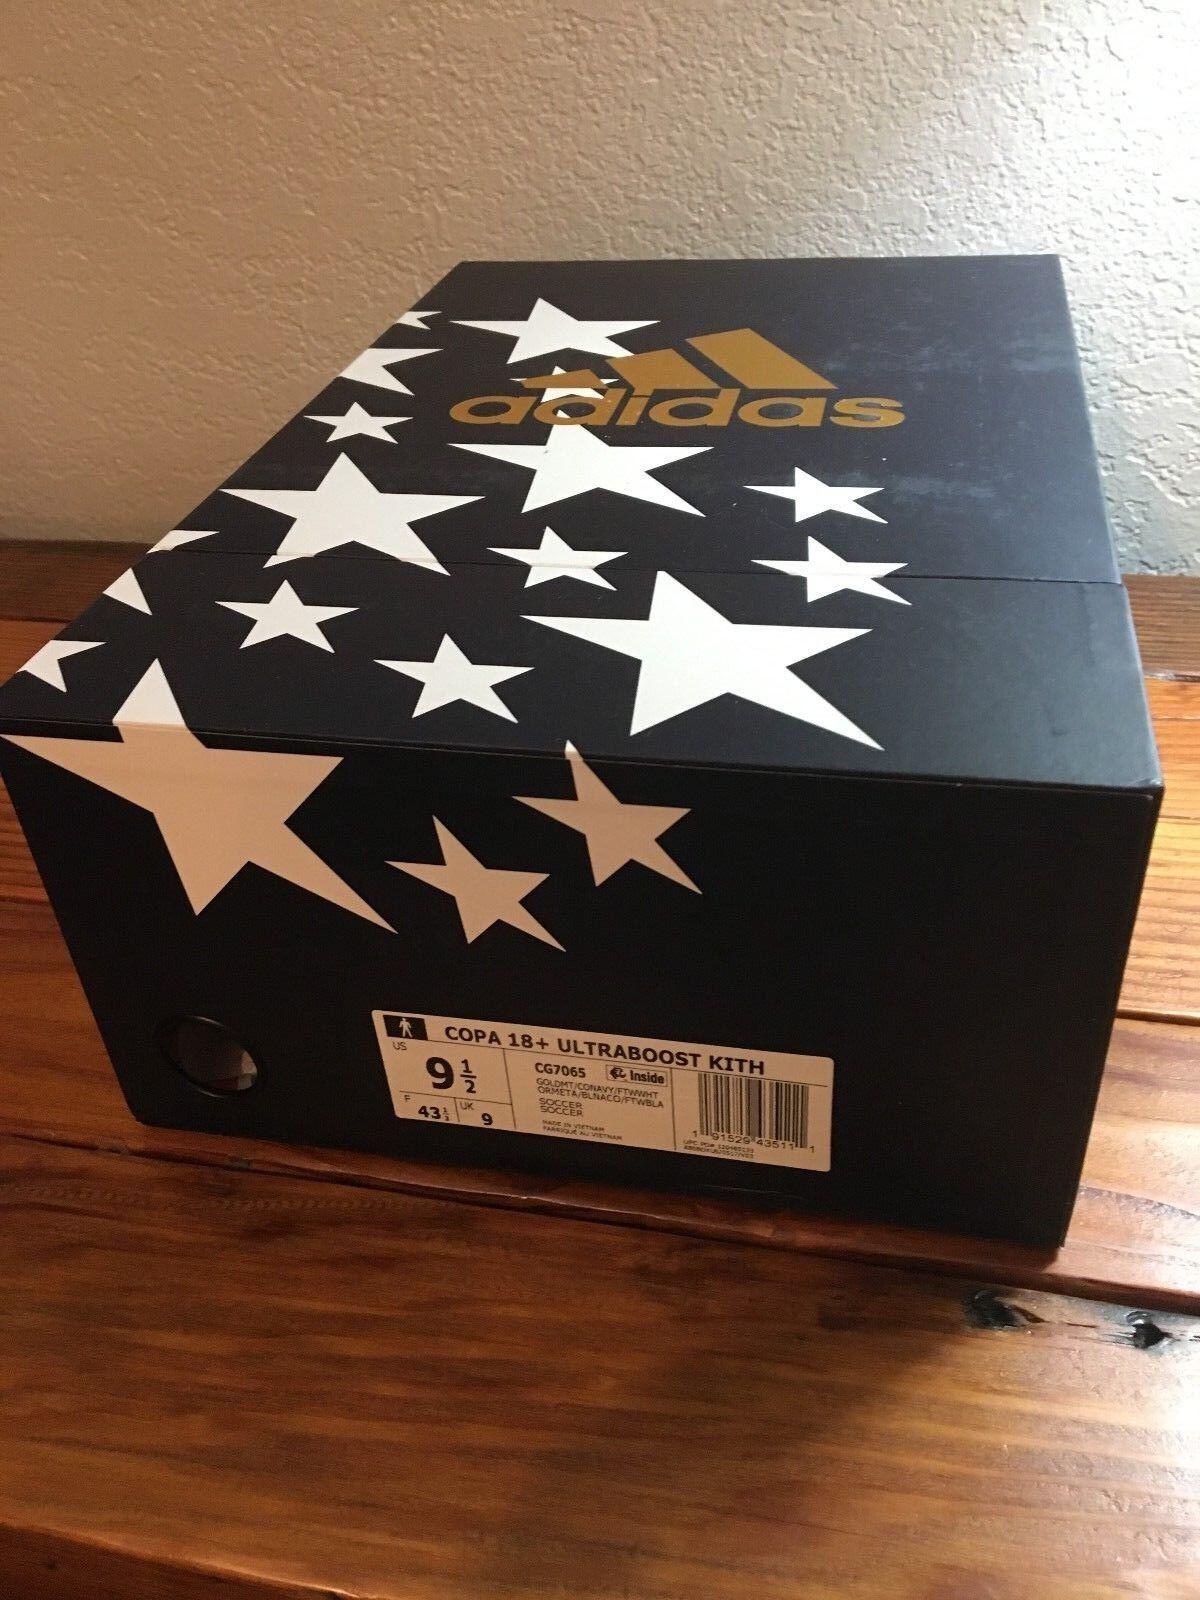 Adidas bekannten copa mundial bekannten x 18 ultra - schub bekannten Adidas golden goal - größe 9,5 e86b96